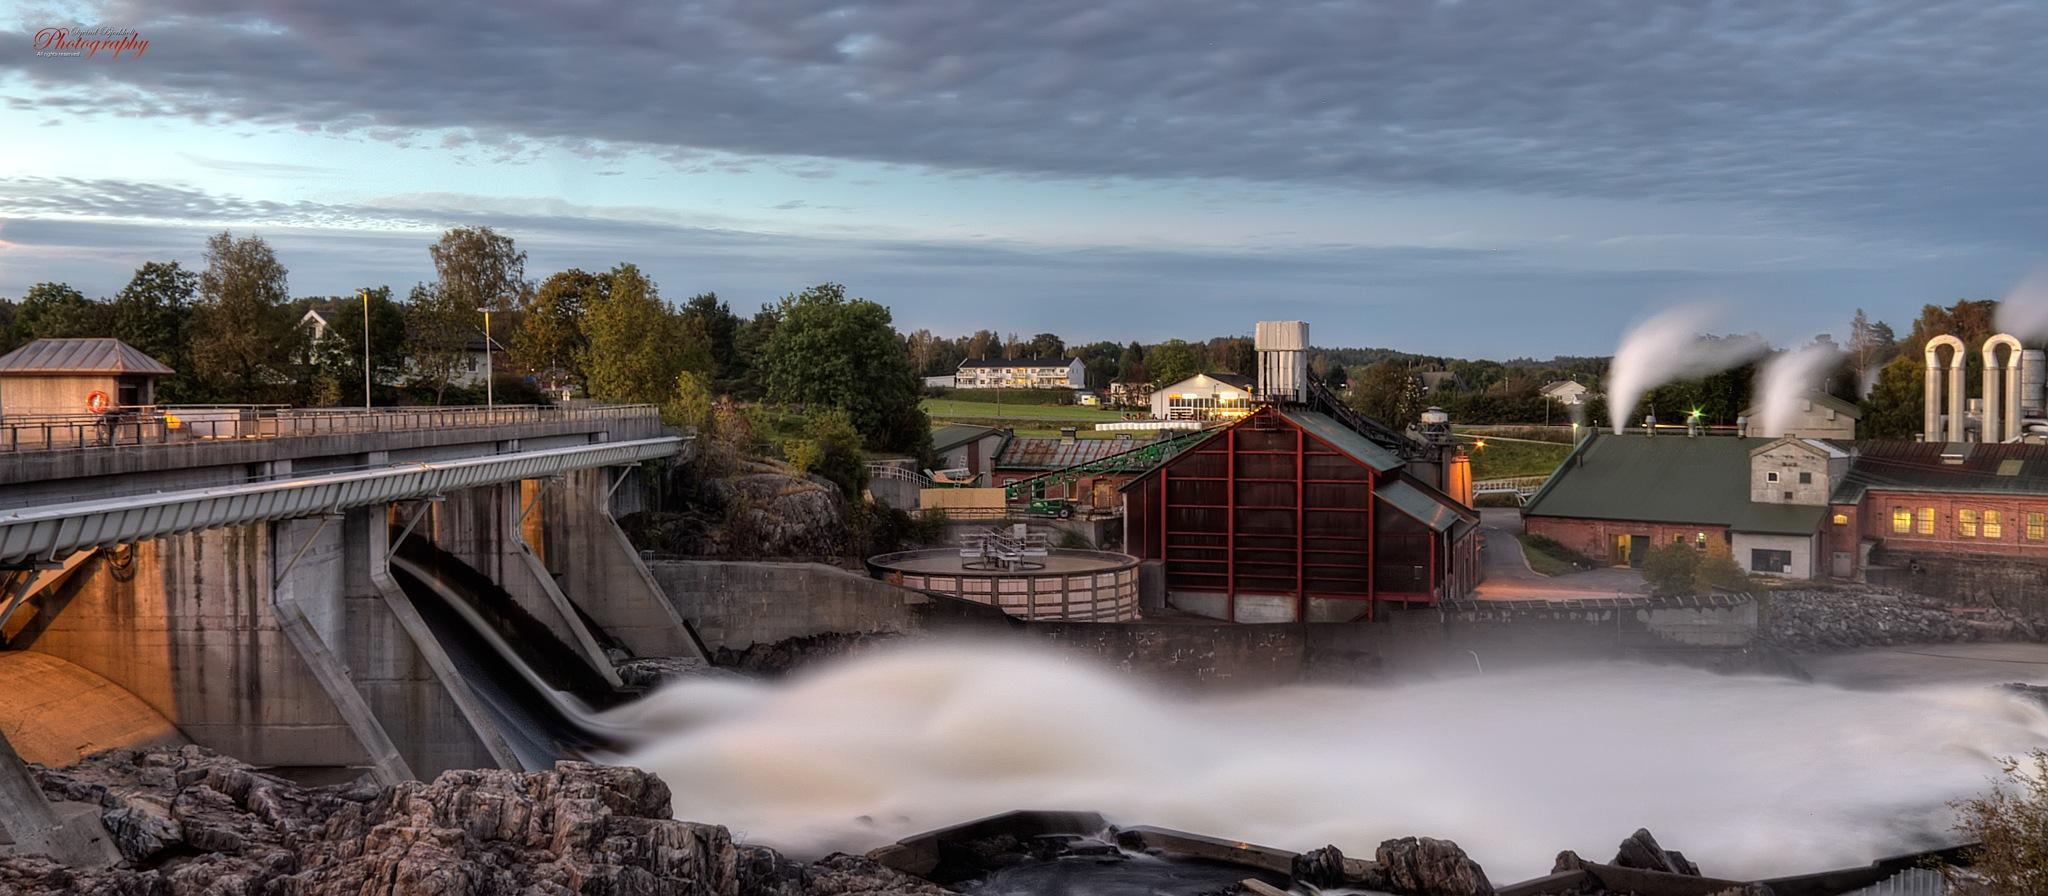 Rygenefossen by Oyvind Bjerkholt Photography